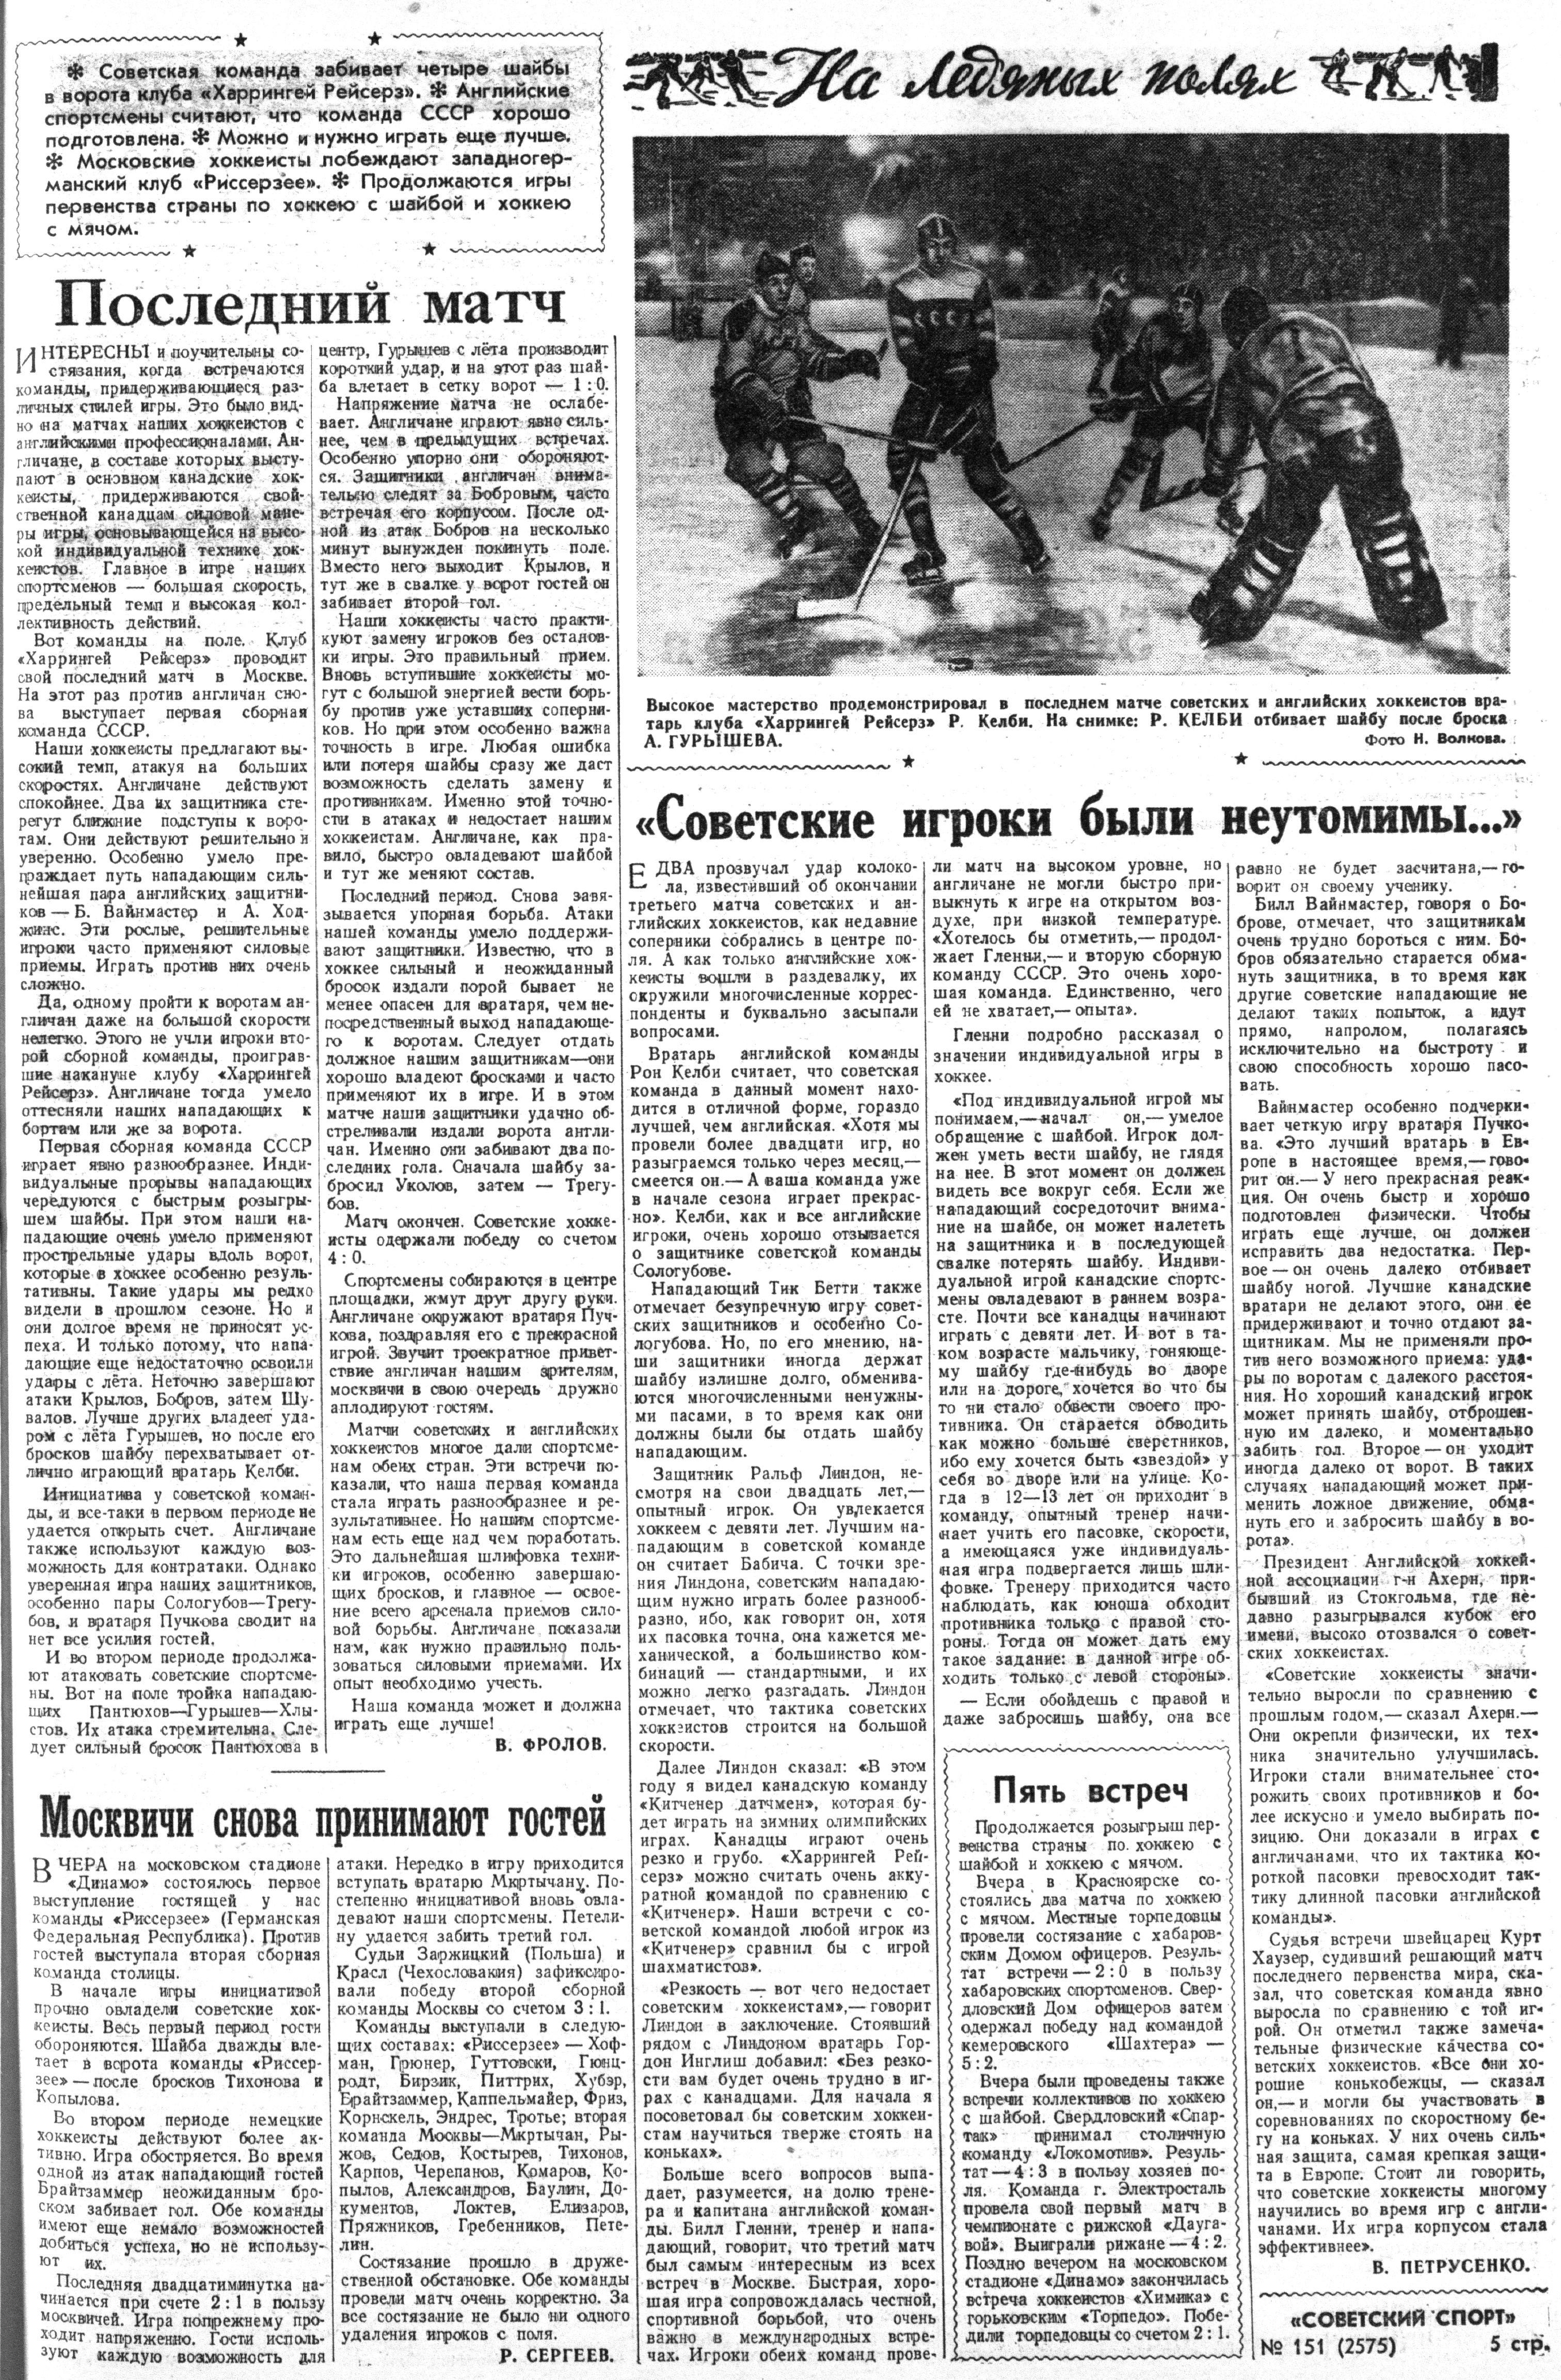 Sov_sport_1955_12_17_N151_s5.JPG